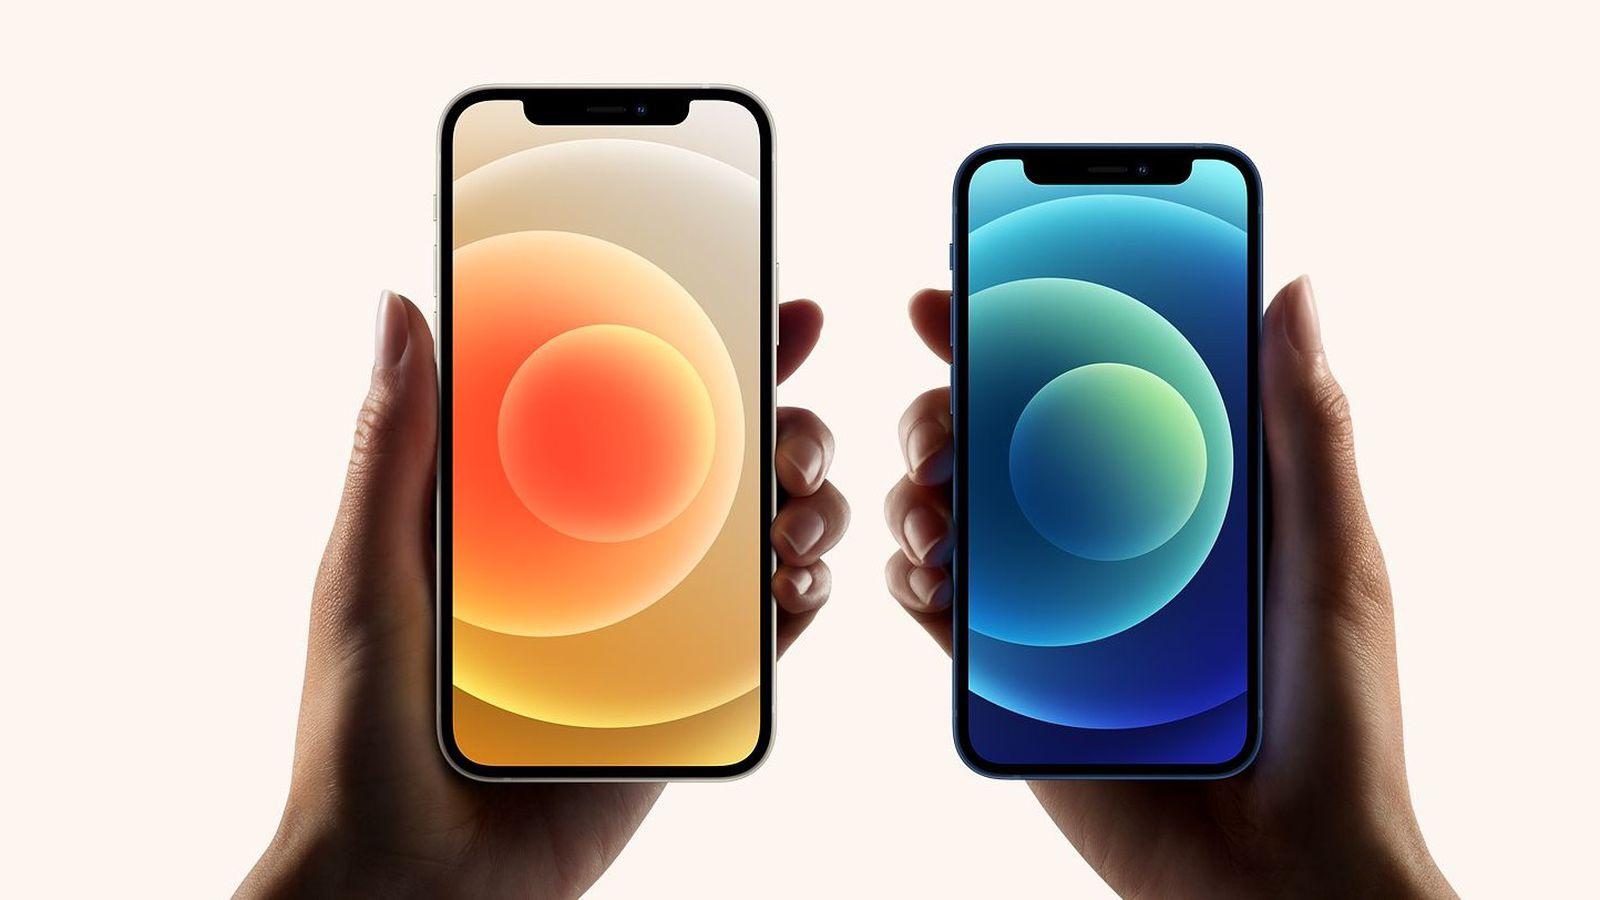 apple ra mat iphone 12 anh 2